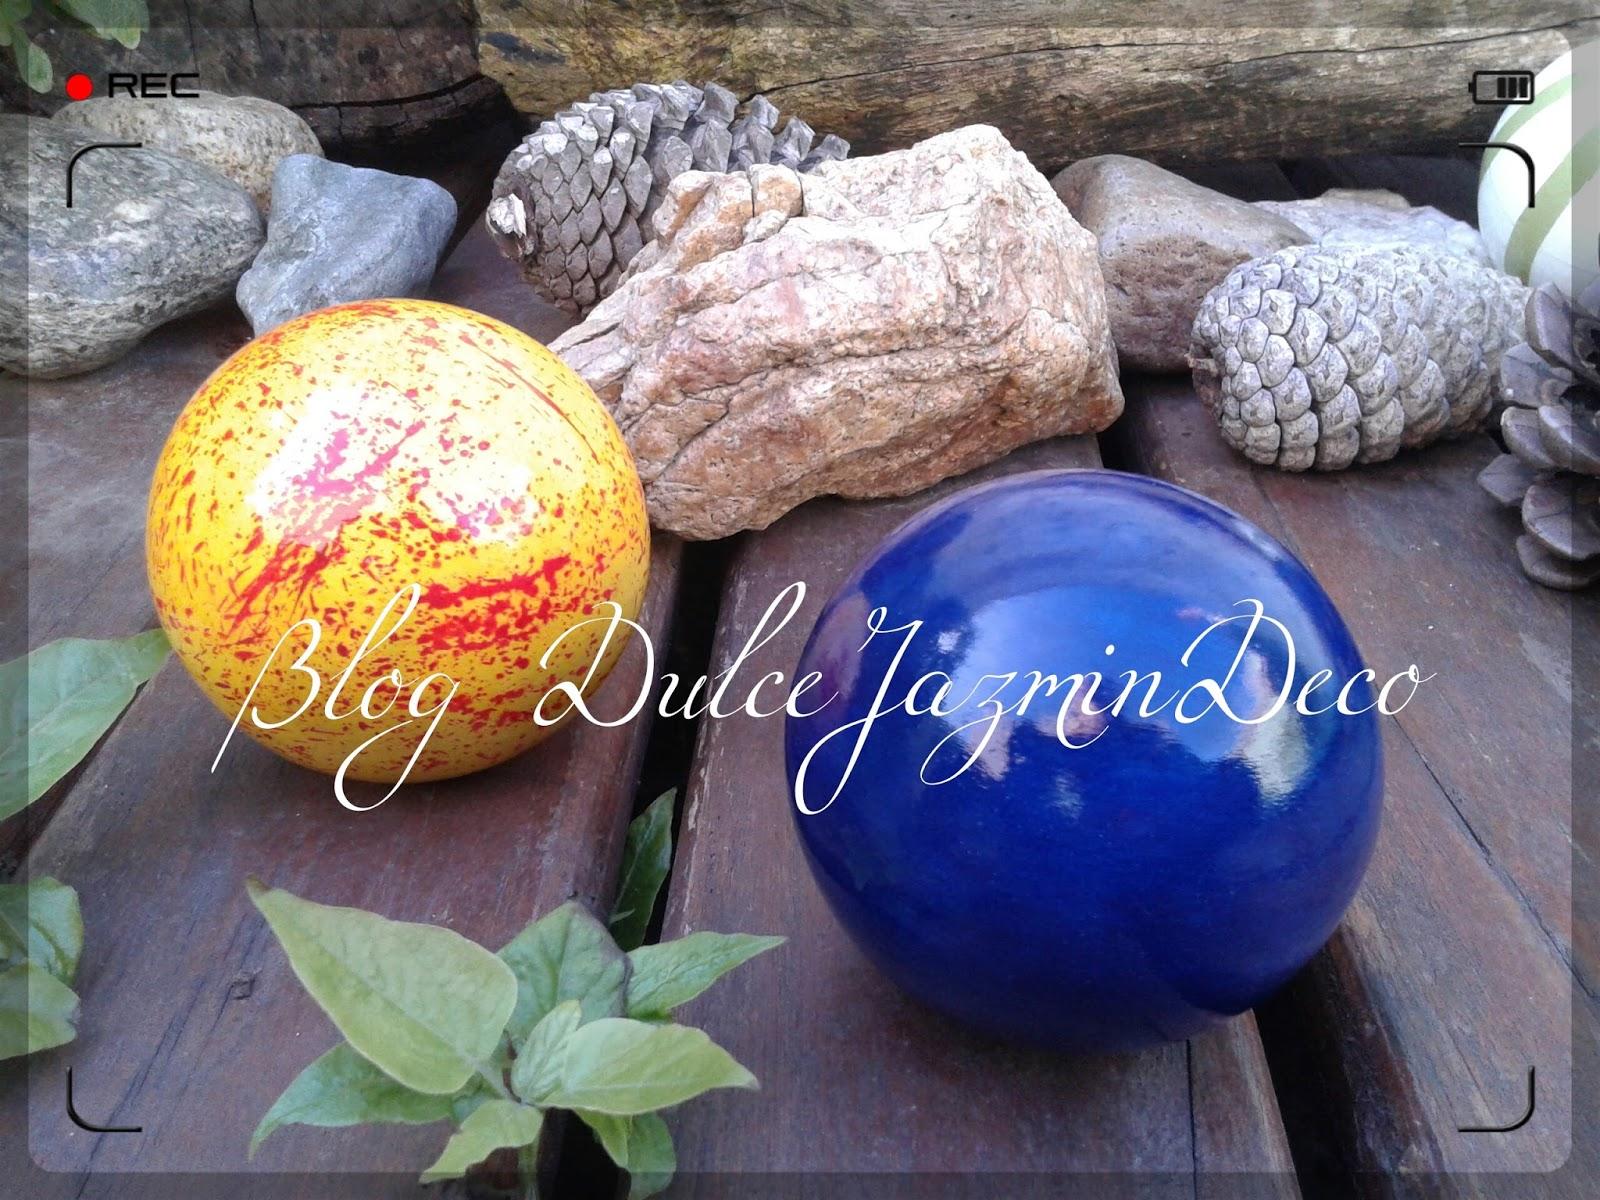 Esferas fuentes decorativas for Fuentes decorativas